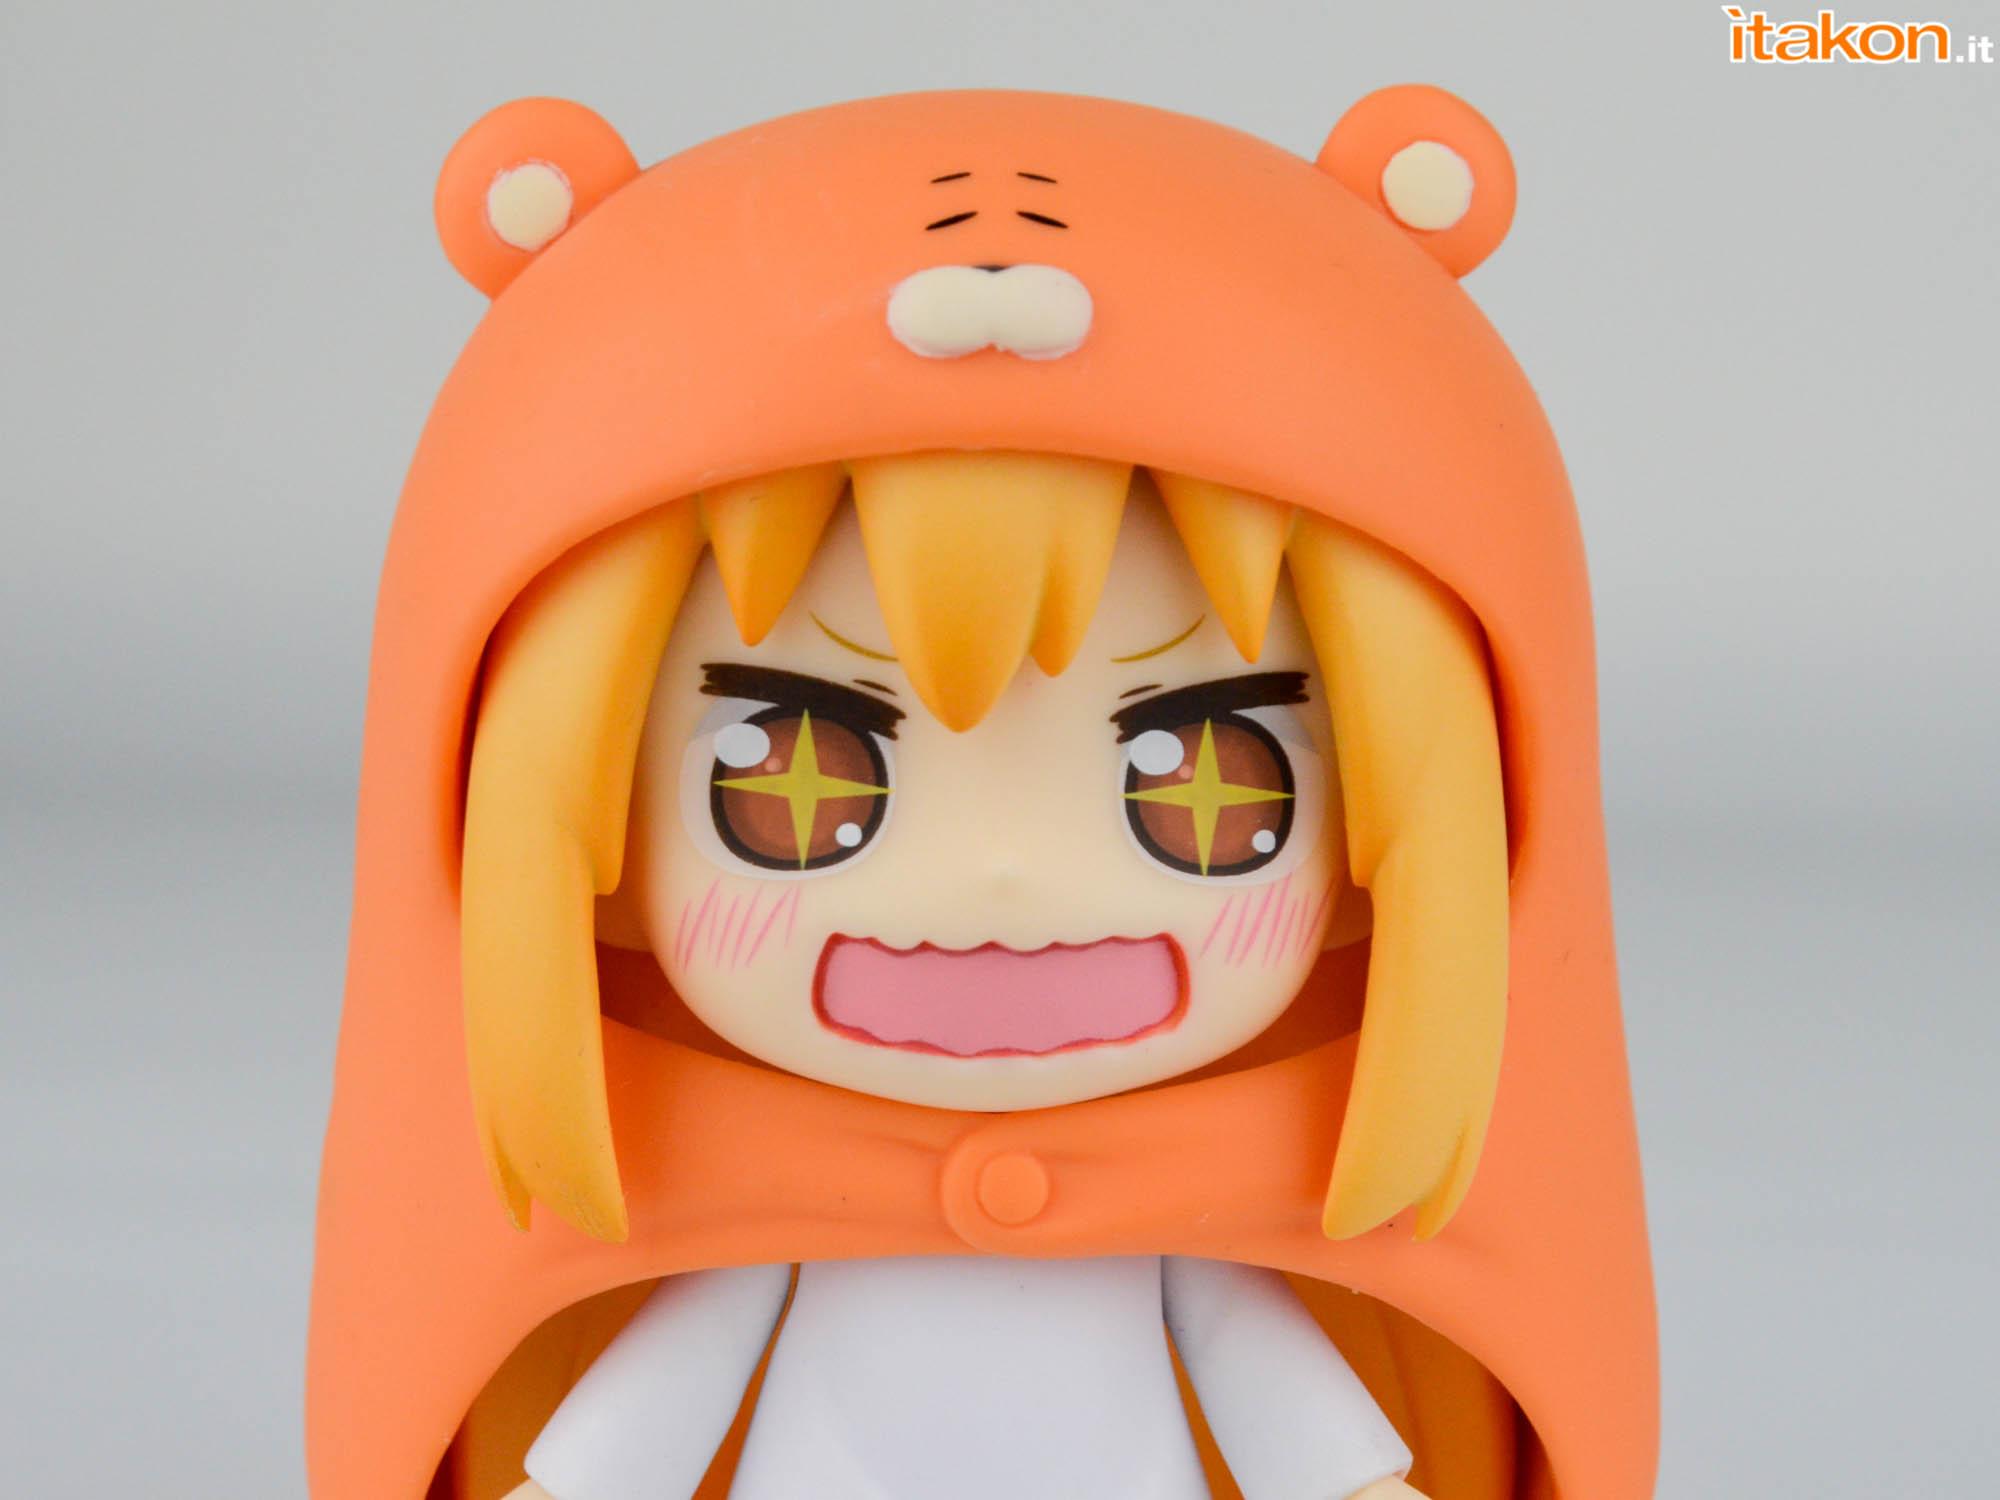 Umaru_Nendoroid_GSC_524_review-24